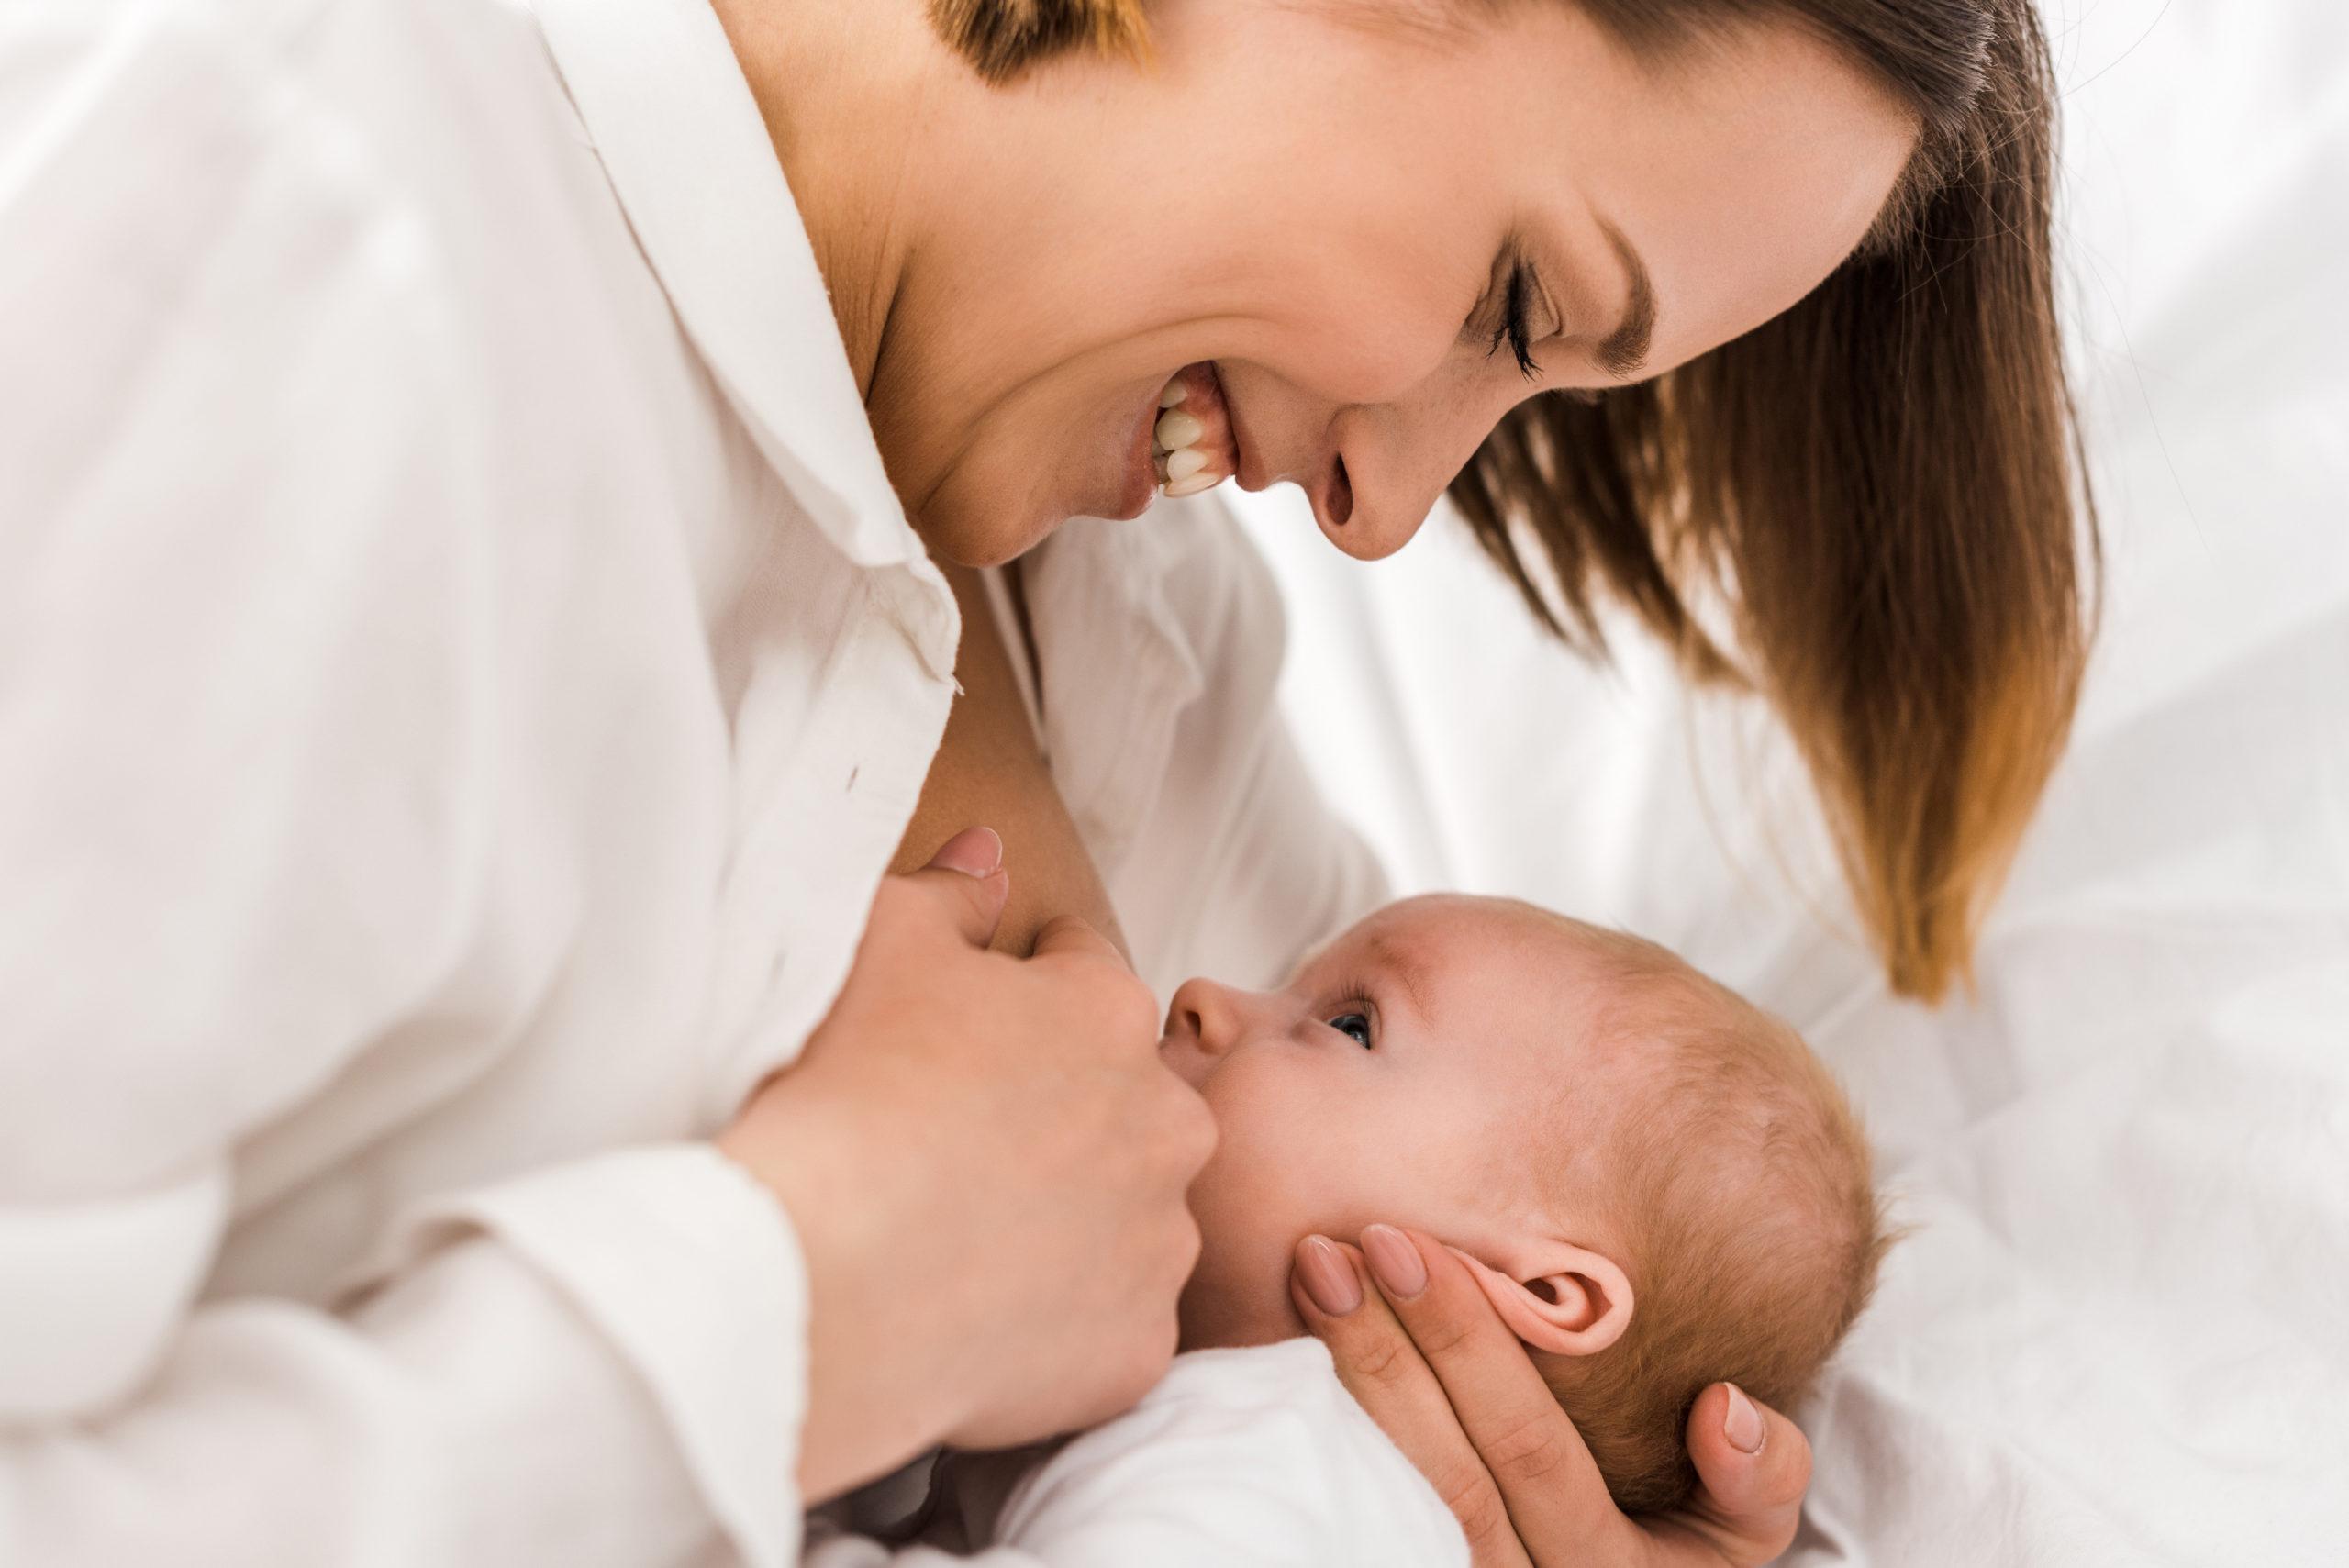 Молодая женщина улыбается и кормит ребенка грудью